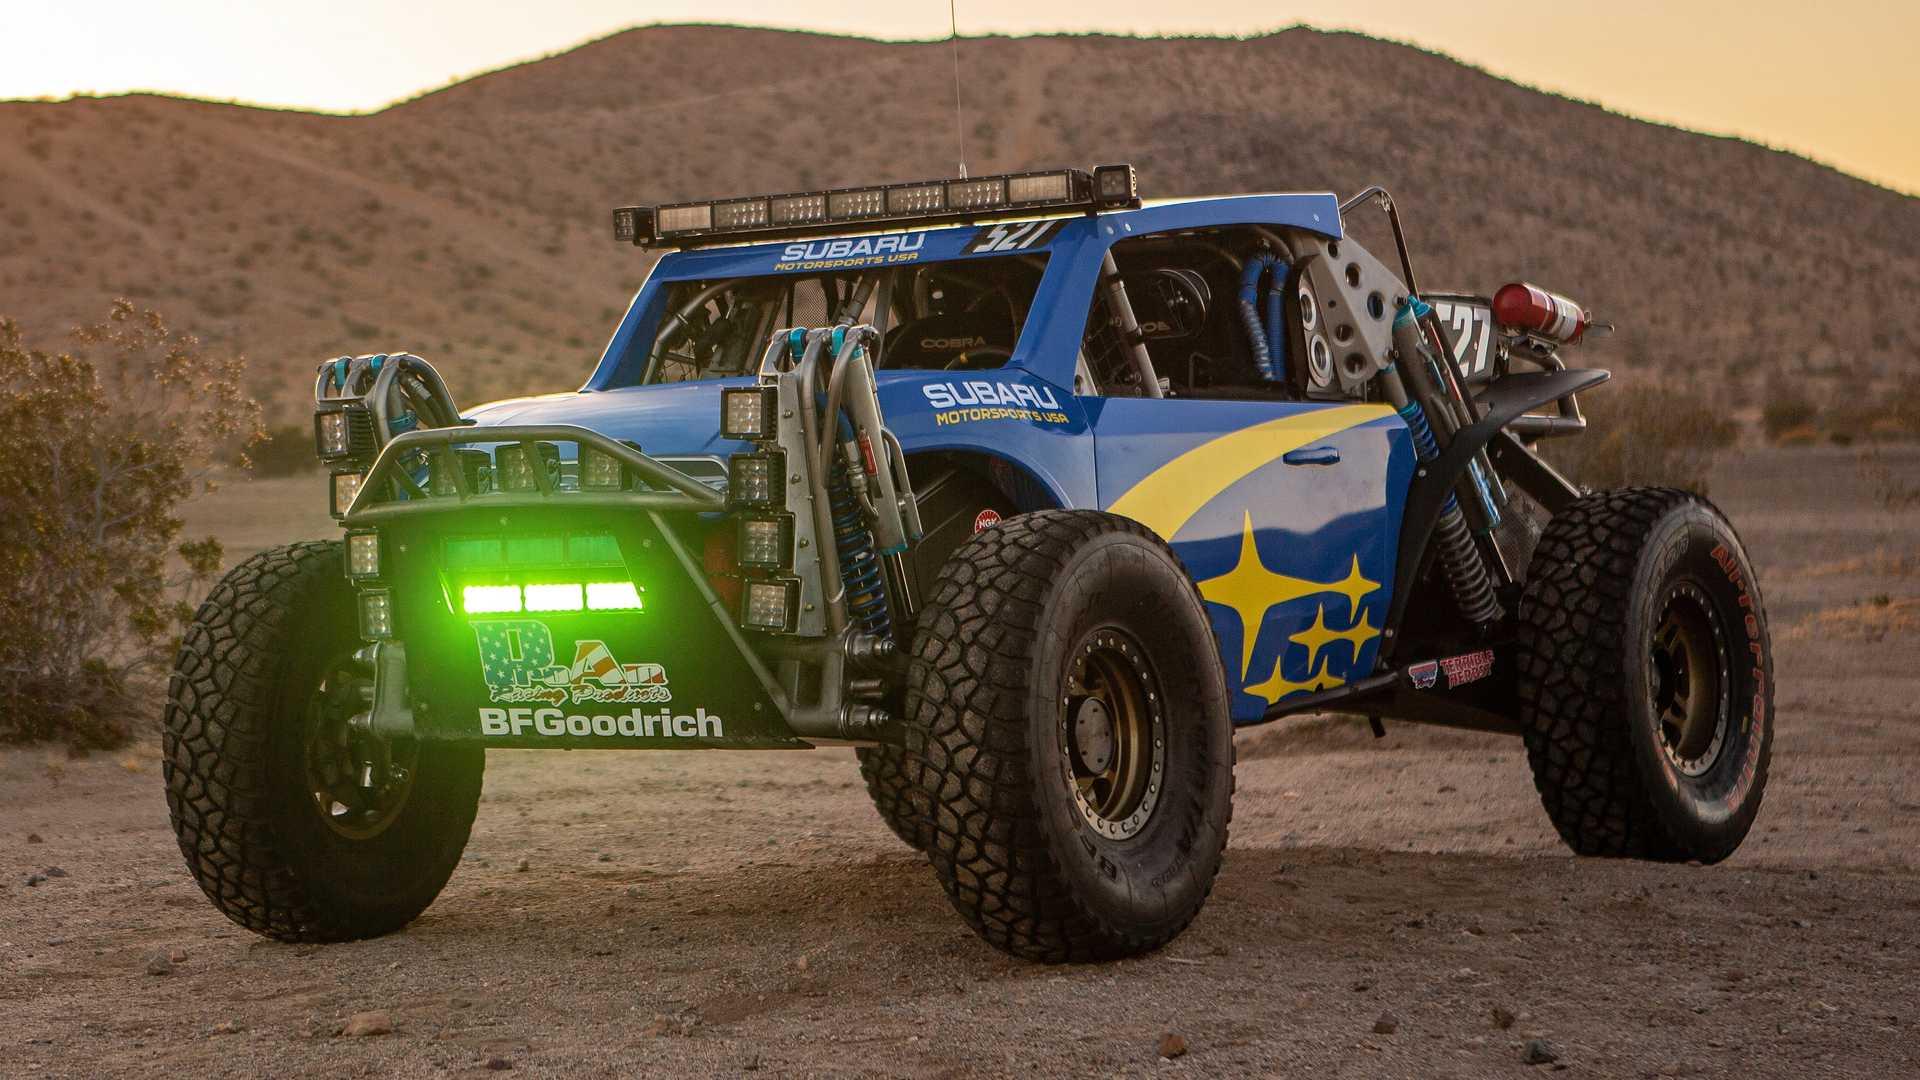 Subaru Crosstrek Desert Racer Looks Ready To Hit the Sand